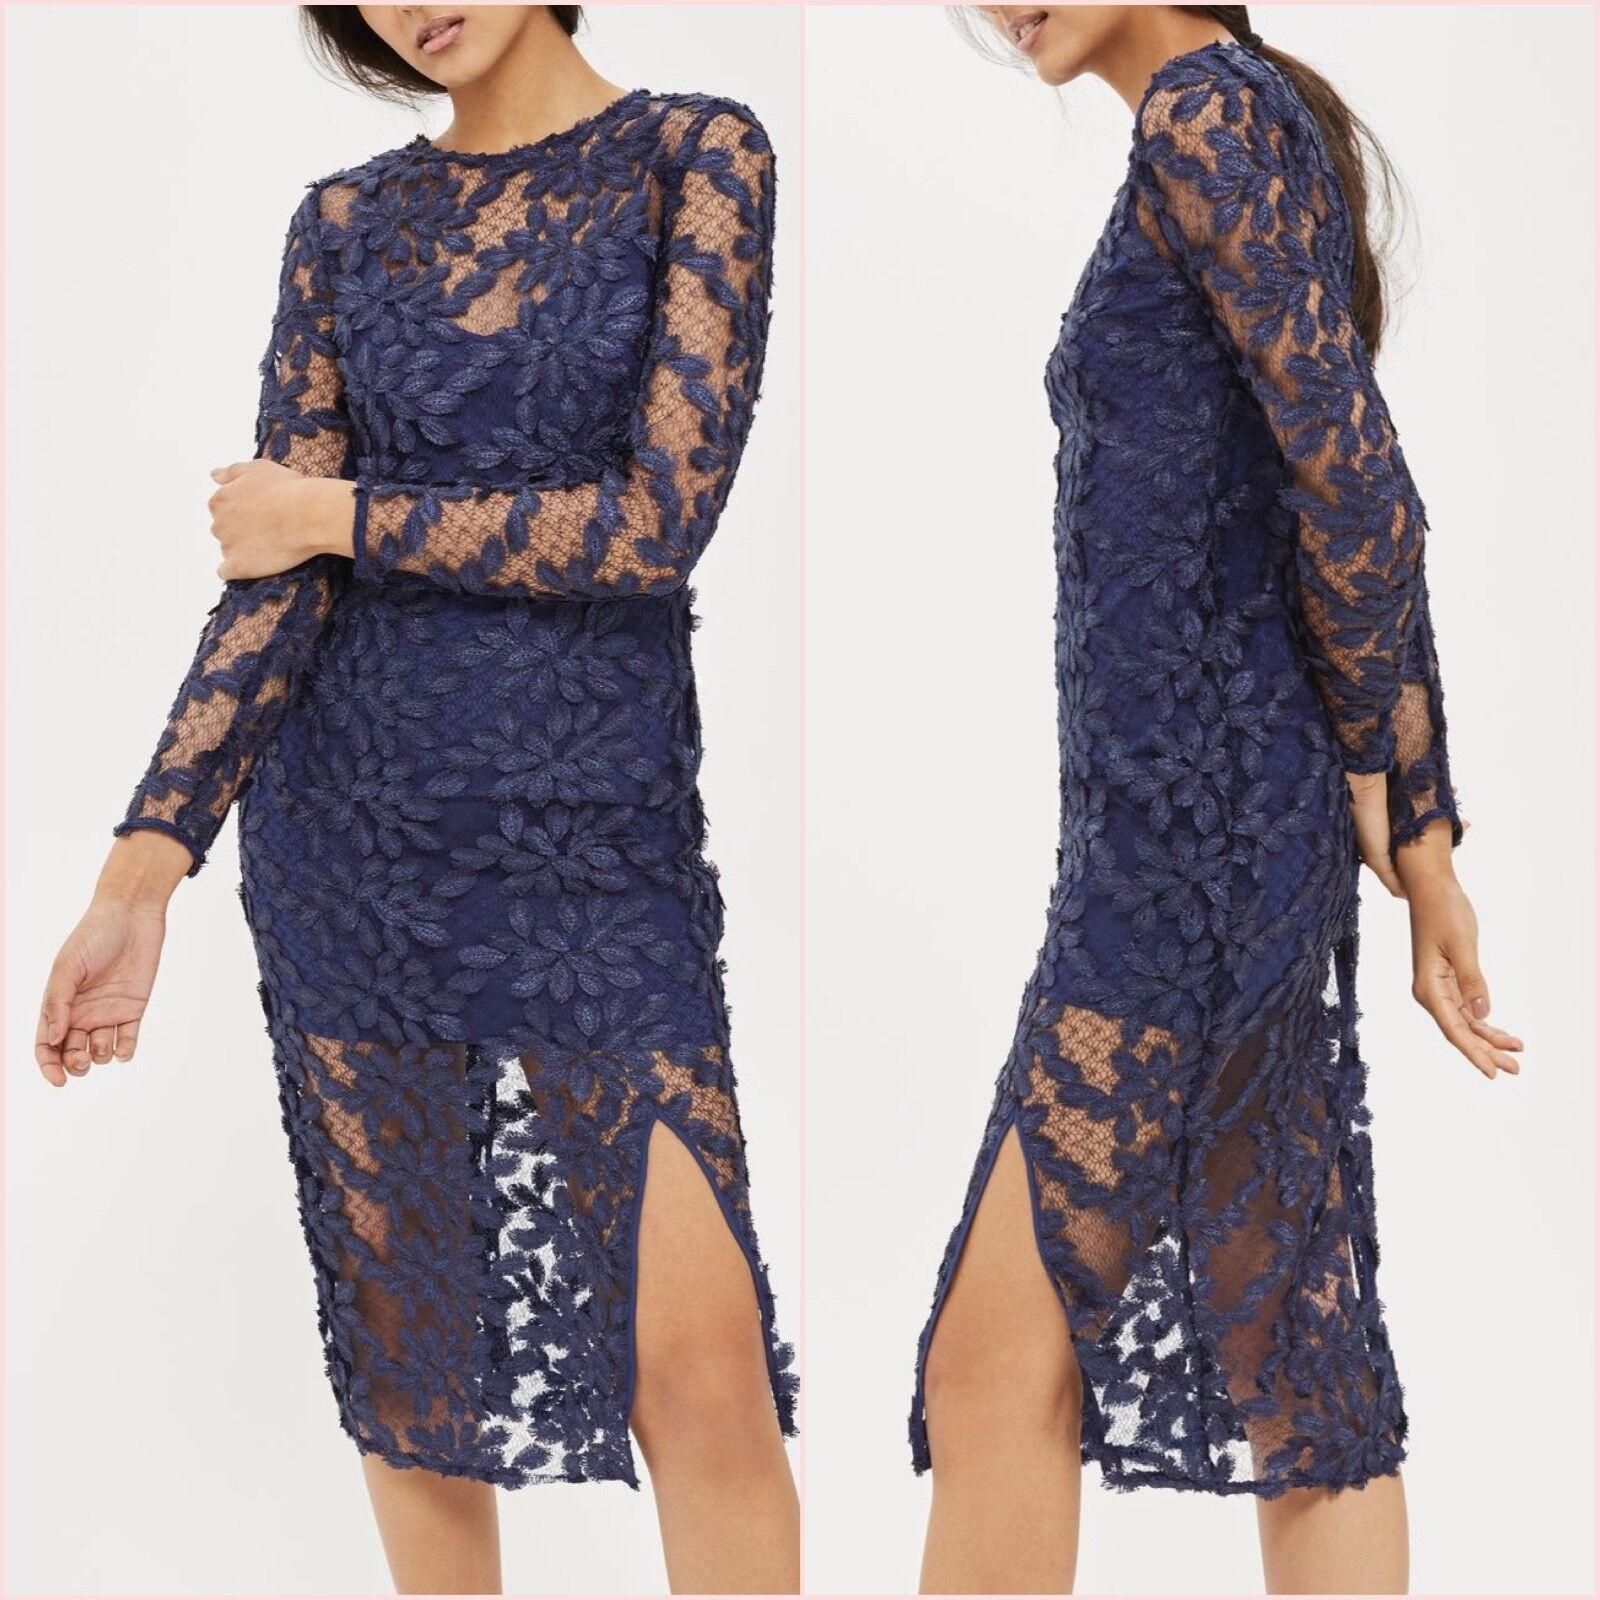 Topshop Blau Navy Navy Navy Lace Floral Midi Slit Hem Bodycon Dress Größe 8 US 4 Blogger   | Ausgezeichnetes Handwerk  | Clearance Sale  245a87